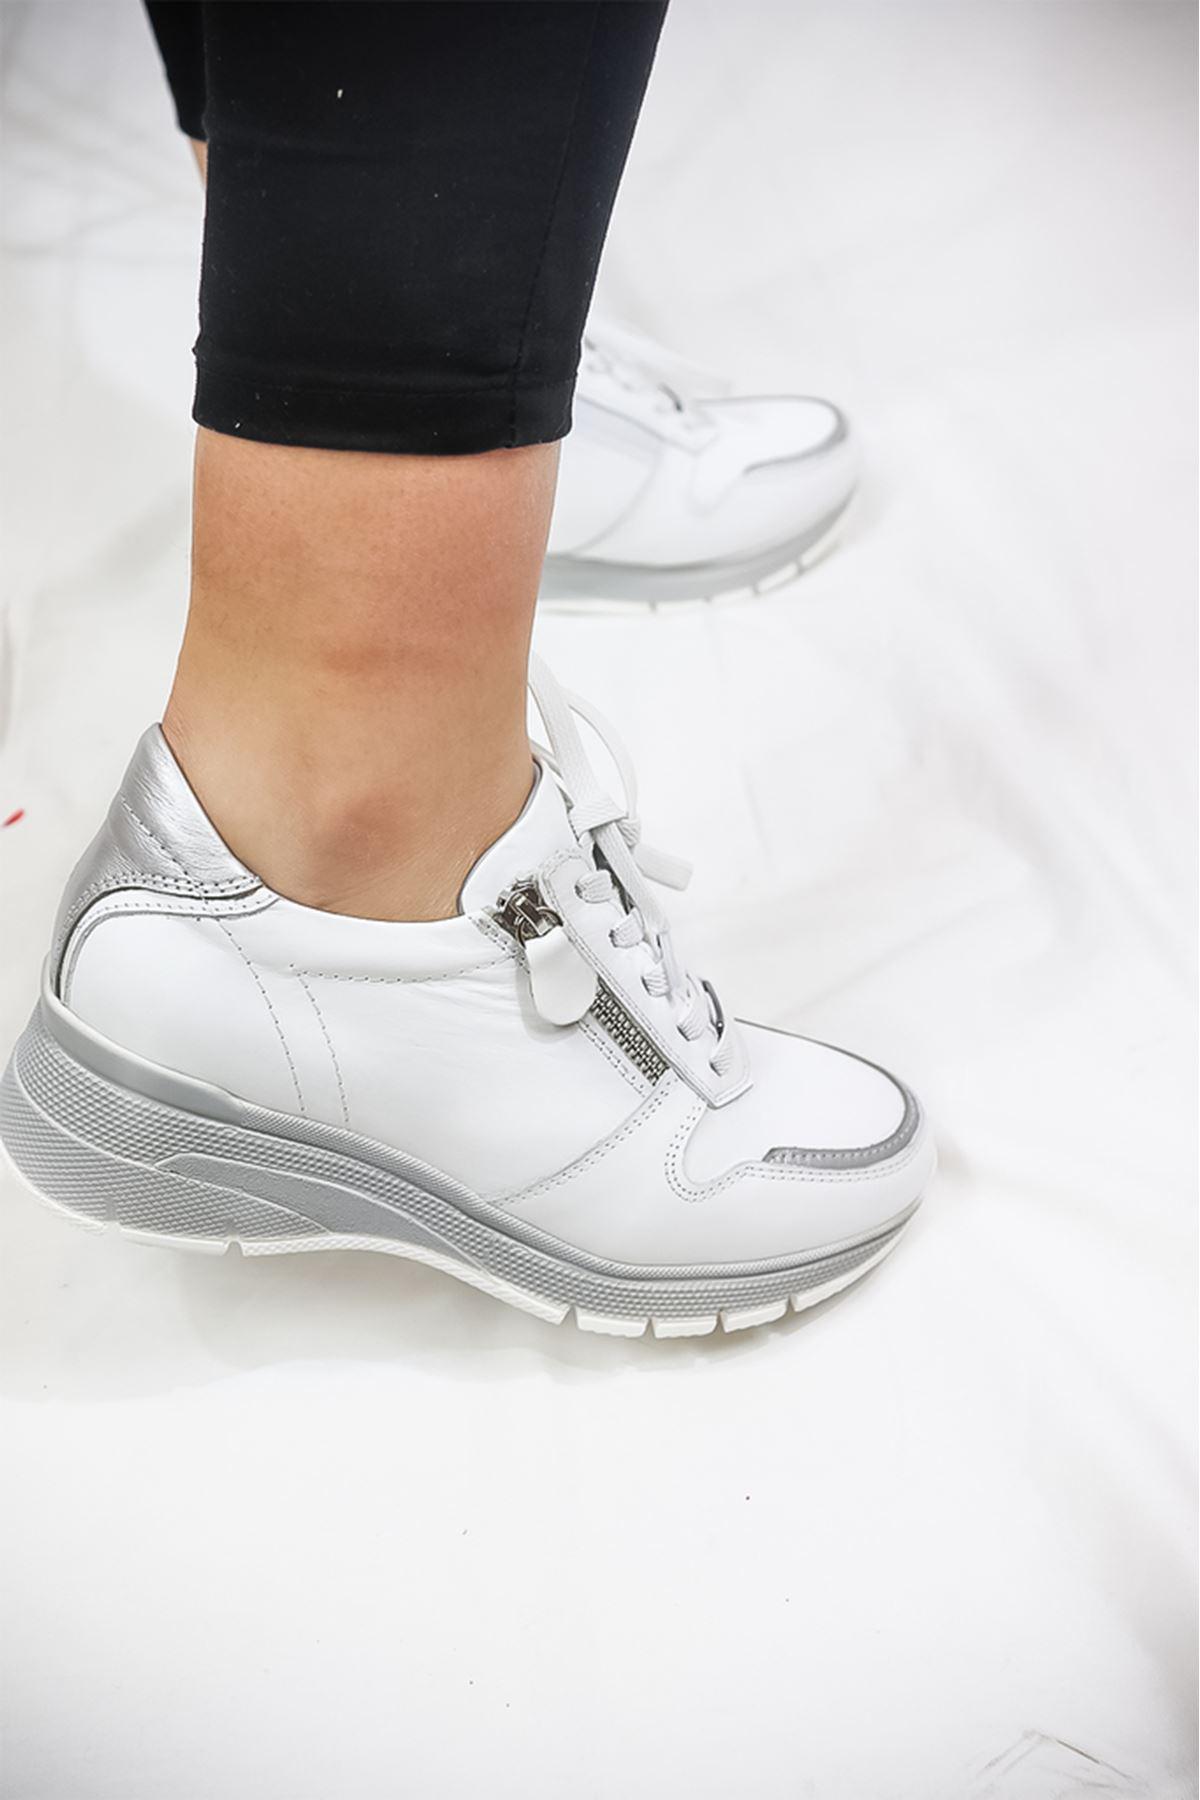 Mammamia - D21YA - 300-Z Beyaz Kadın Ayakkabısı